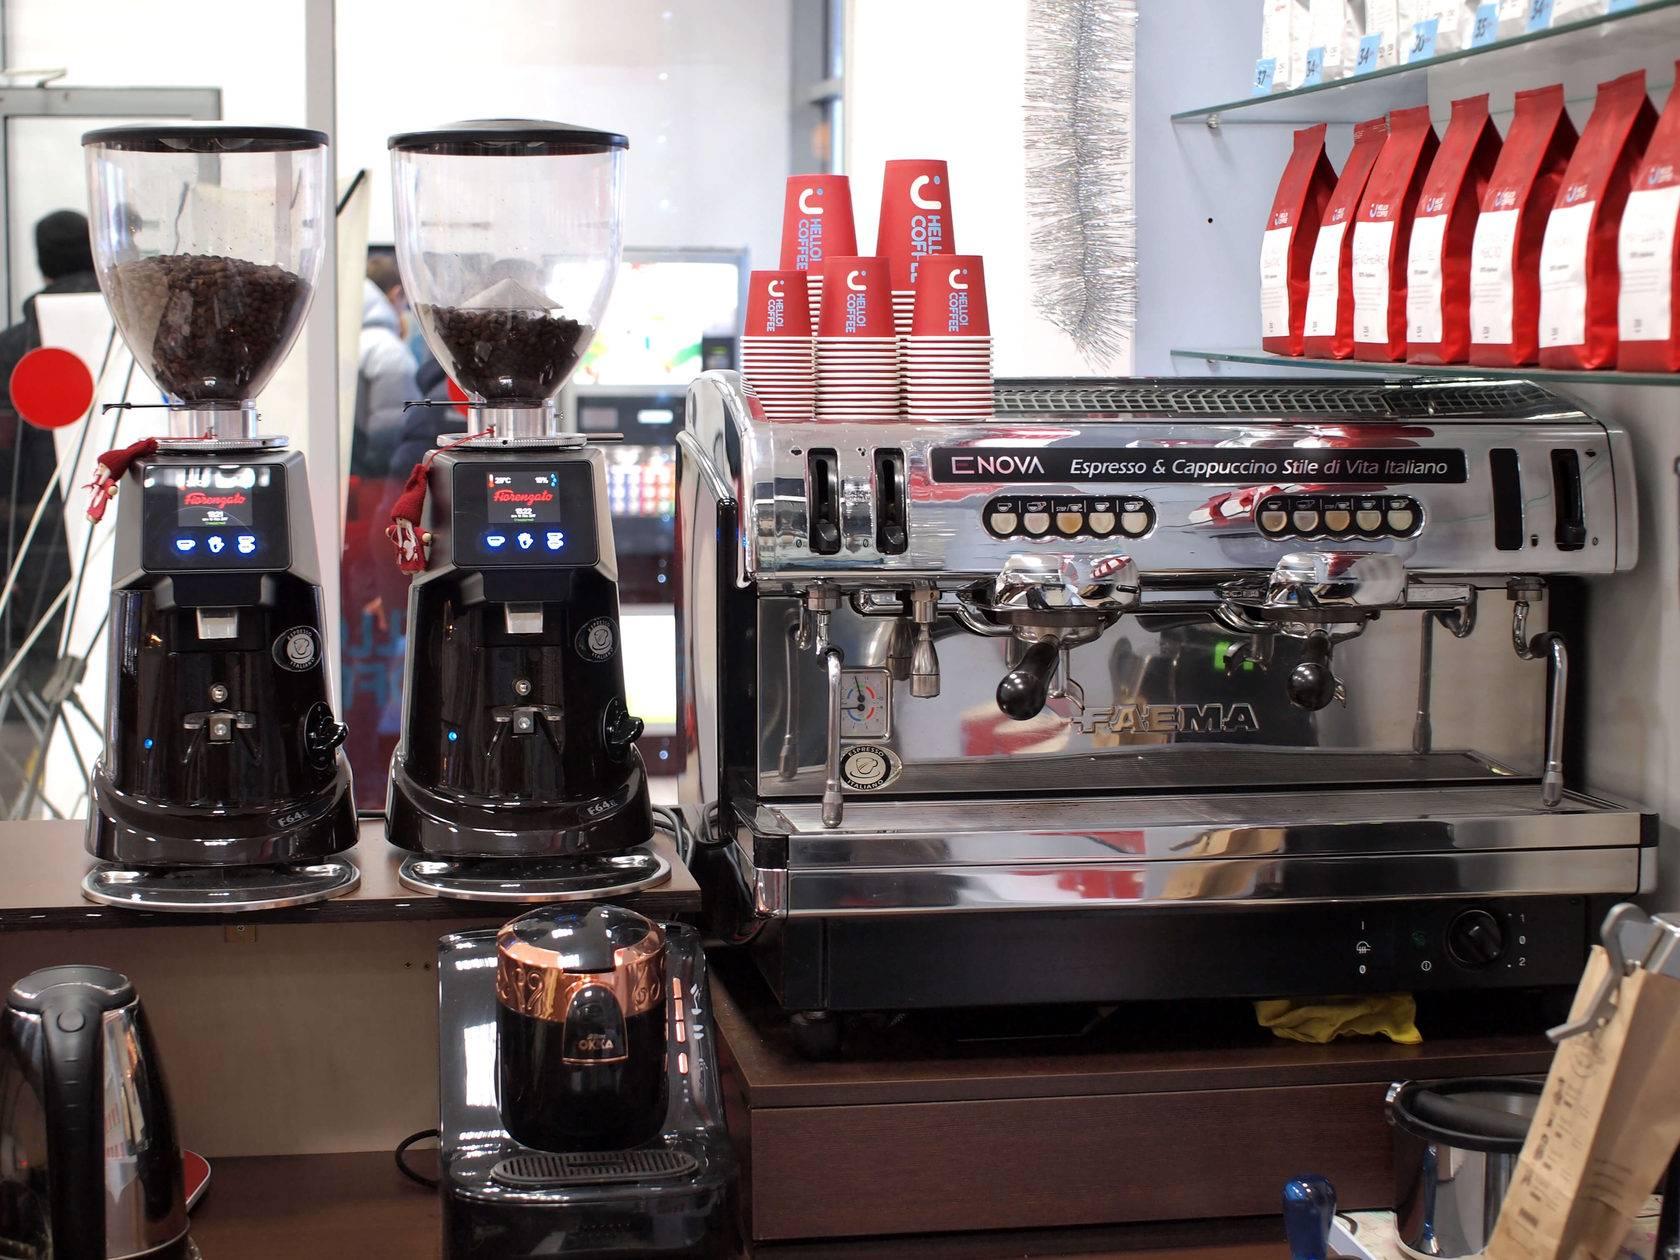 Как работает кофемашина: устройство, составные части, принцип работы, правильный уход